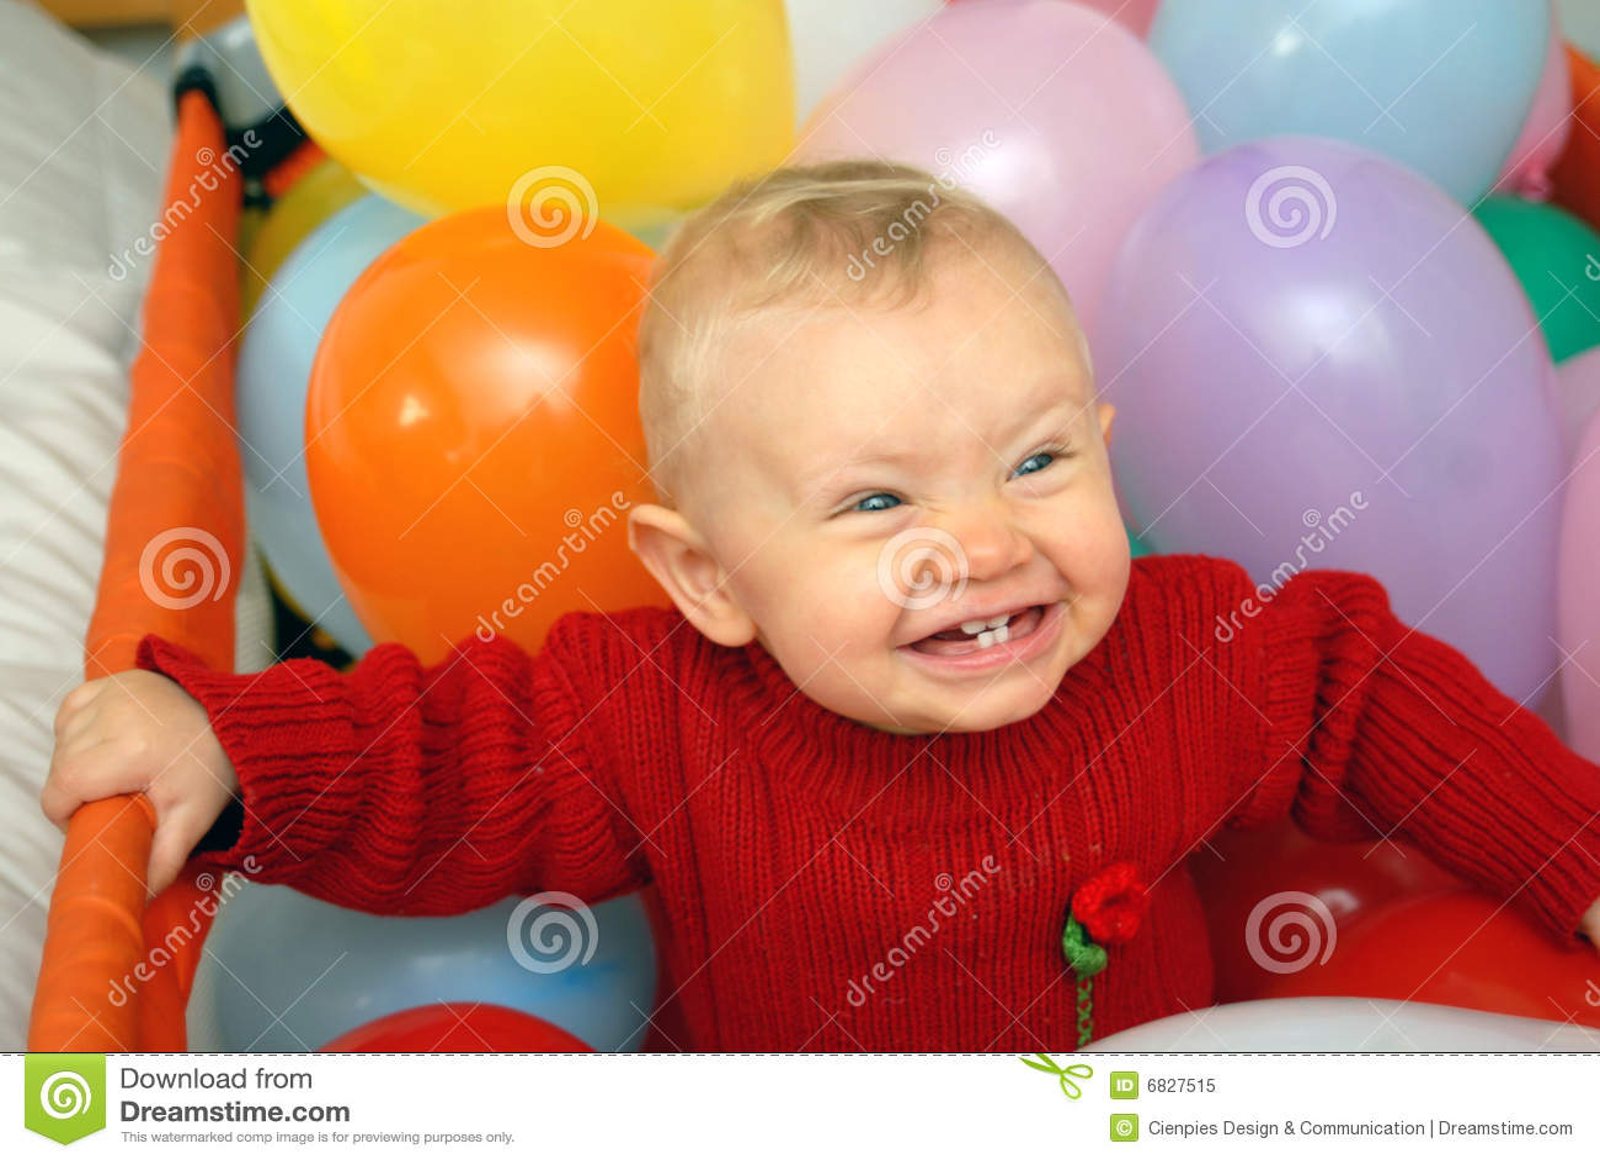 婴孩地球微笑